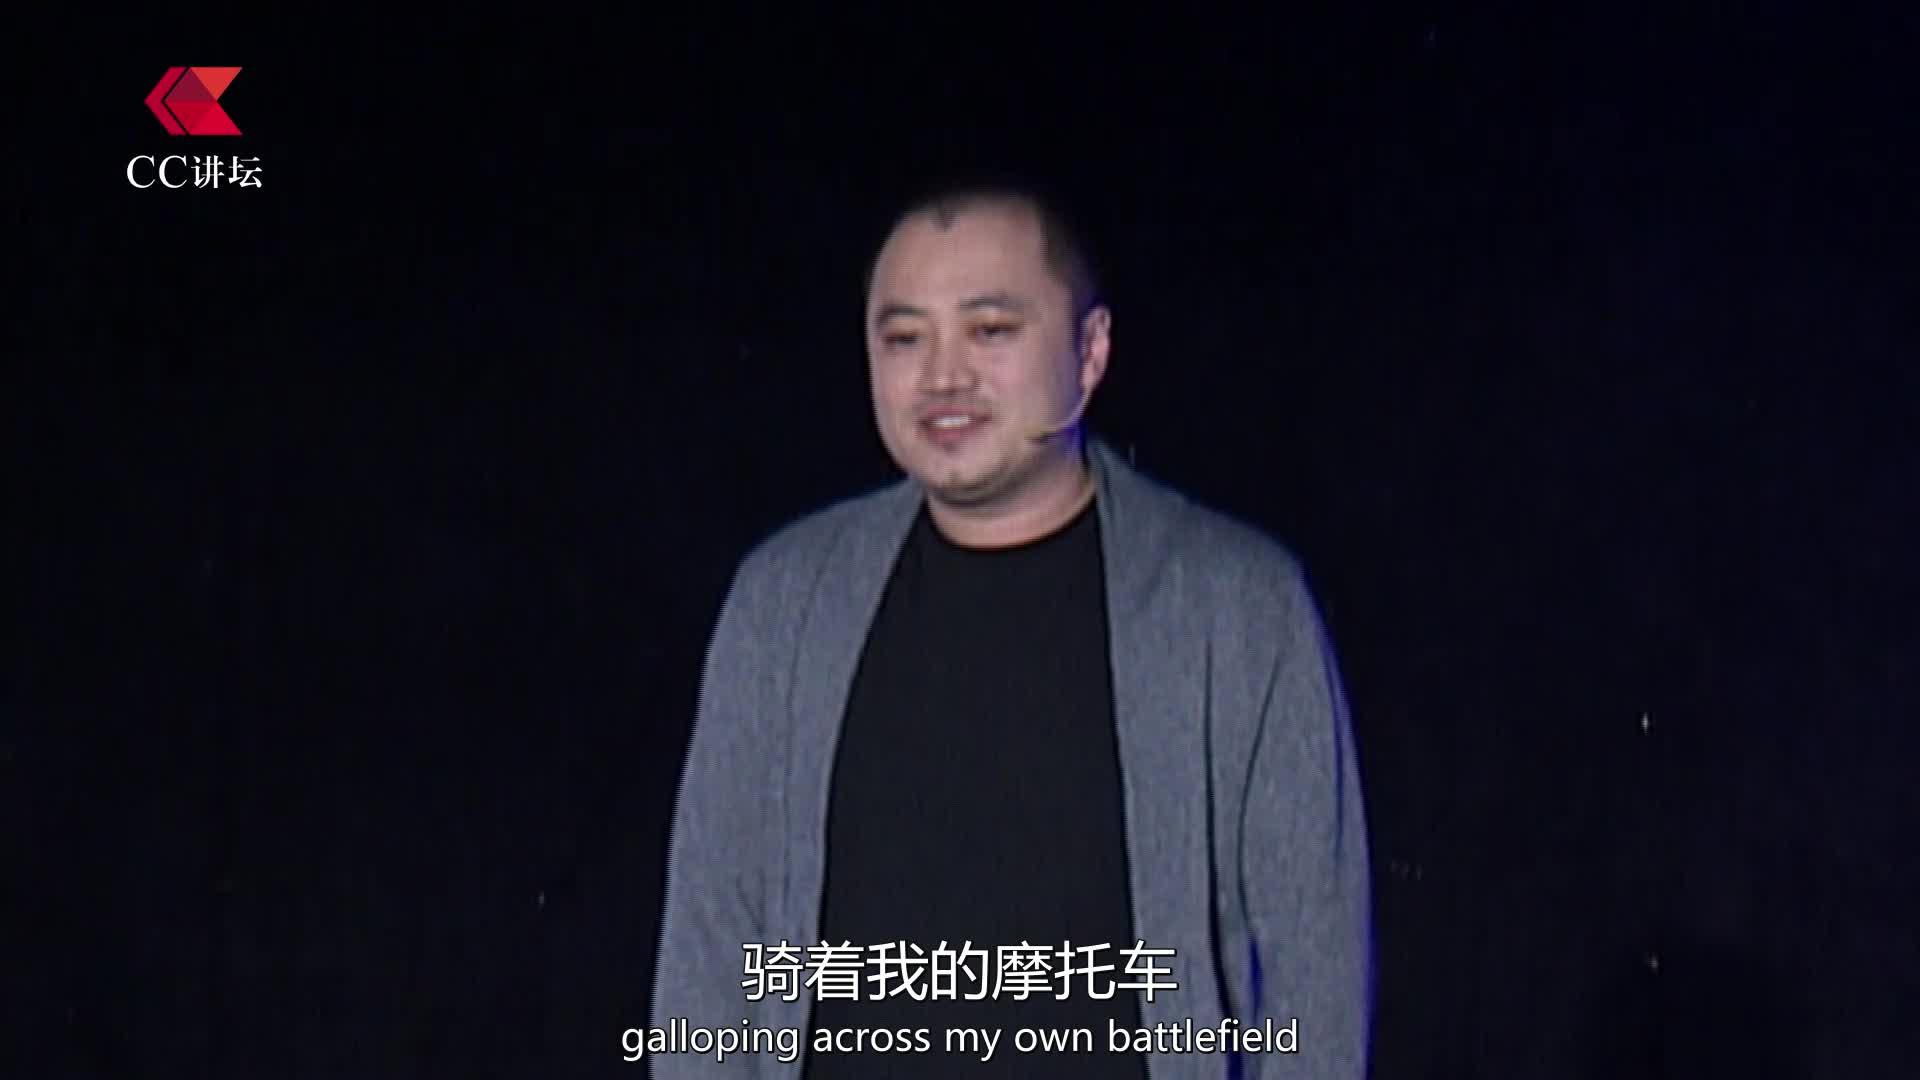 CC讲坛——韩靖:·骑着哈雷的路人甲